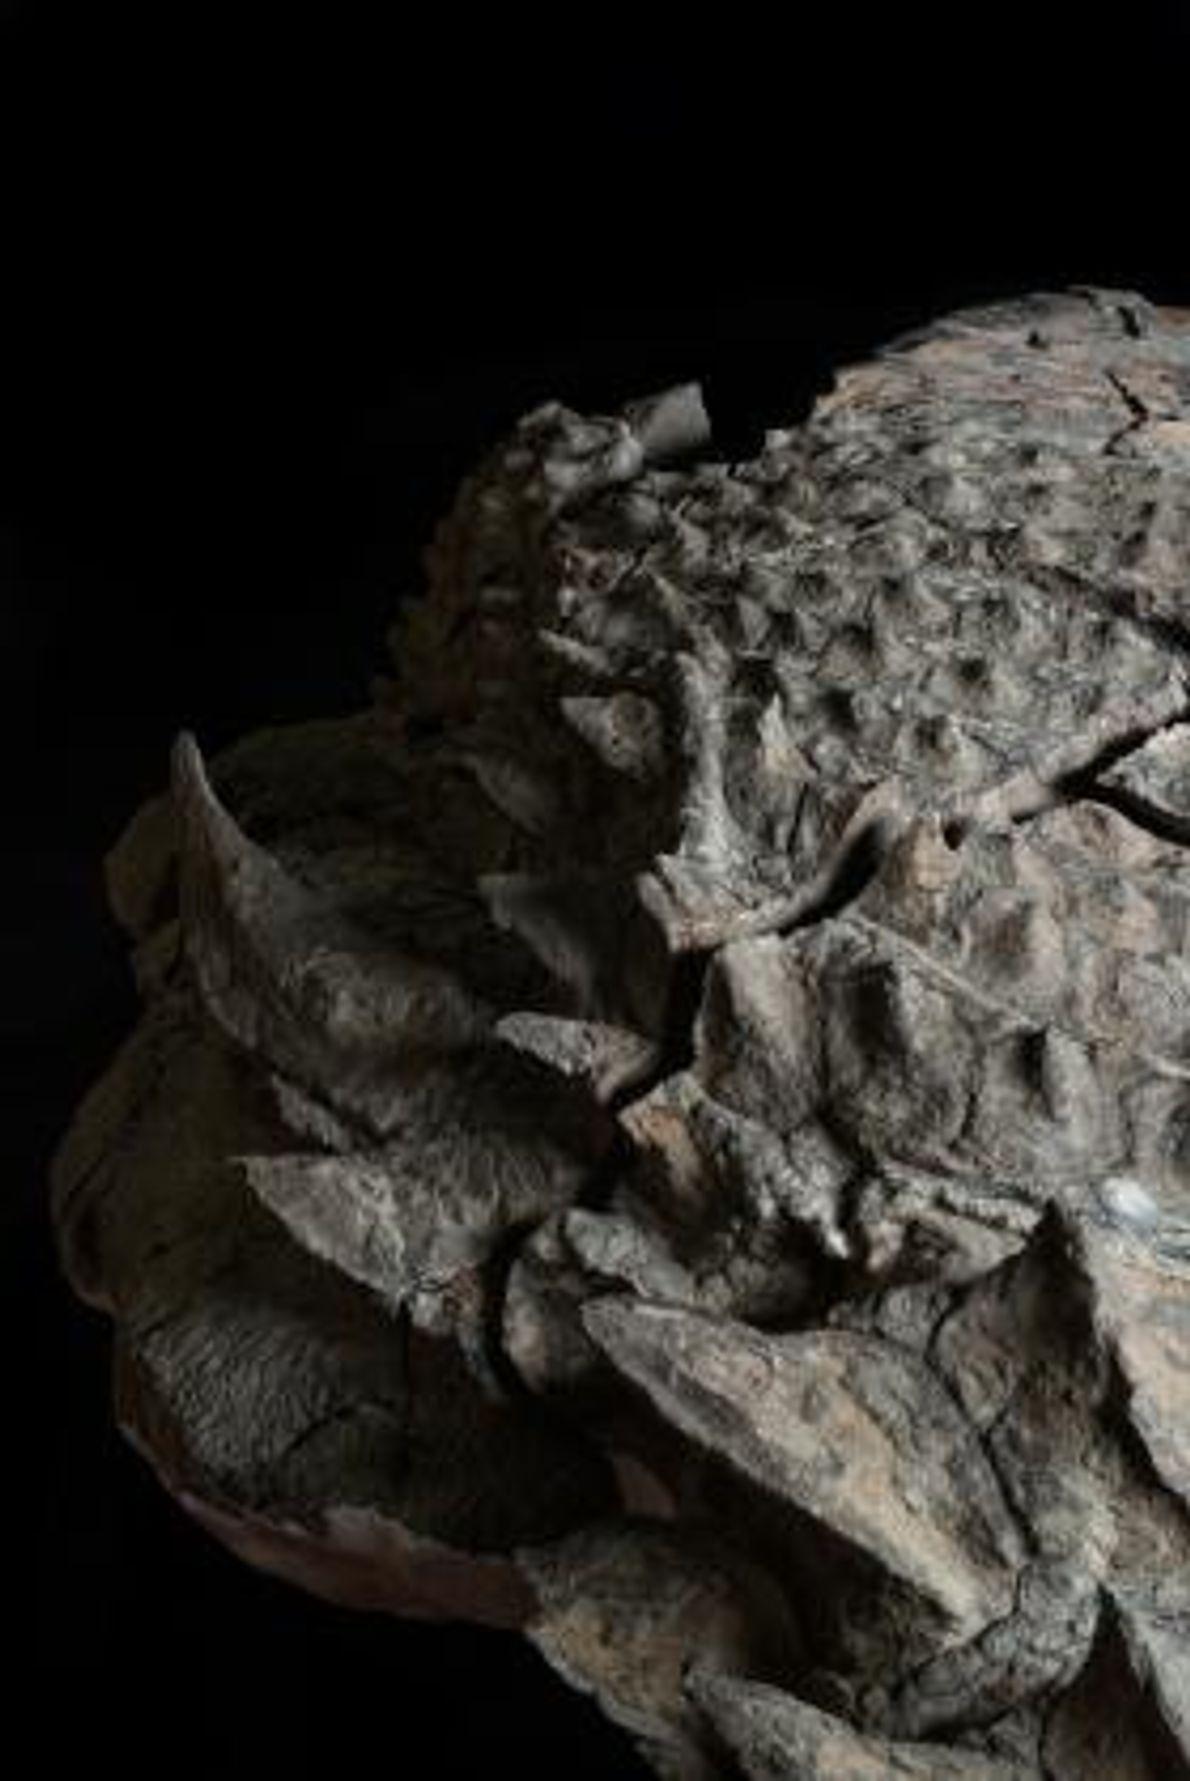 A diferencia de sus parientes más famosos en el grupo de dinosaurios anquilosáuridos, este dinosaurio carecía ...